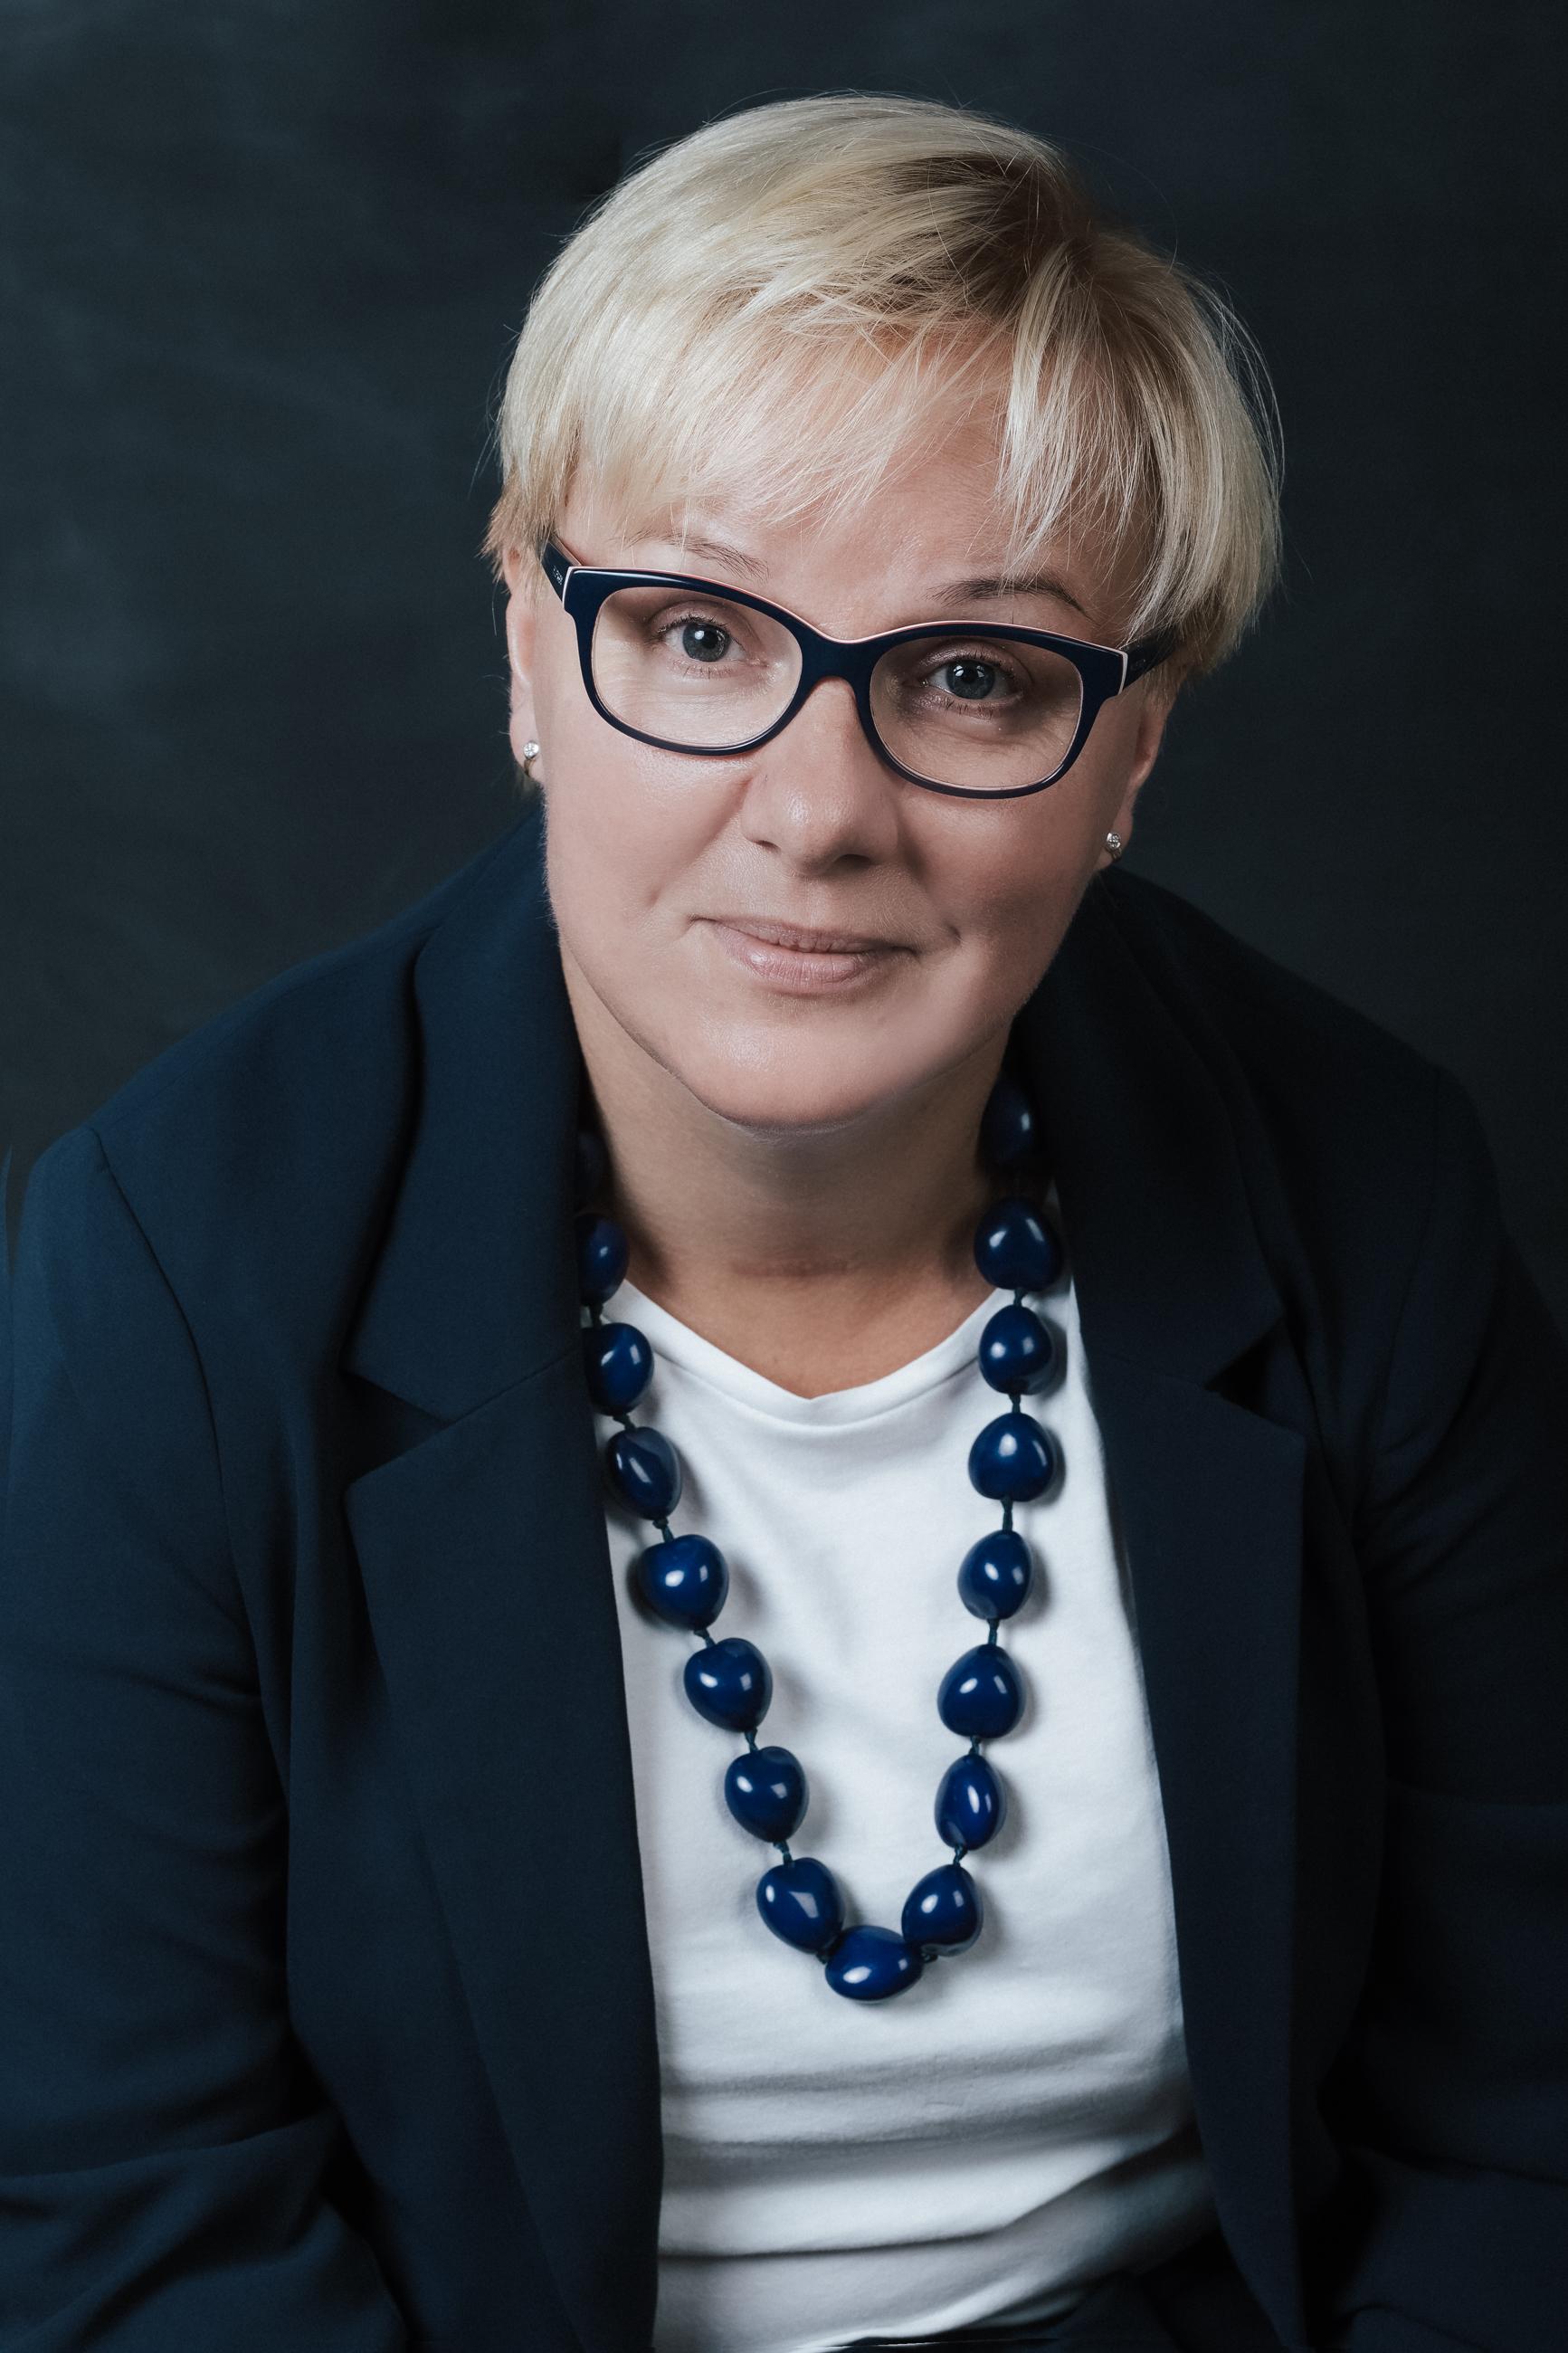 Ośrodek Mediacyjny przy Okręgowej Izbie Radców Prawnych w Bydgoszczy Kręc Maria